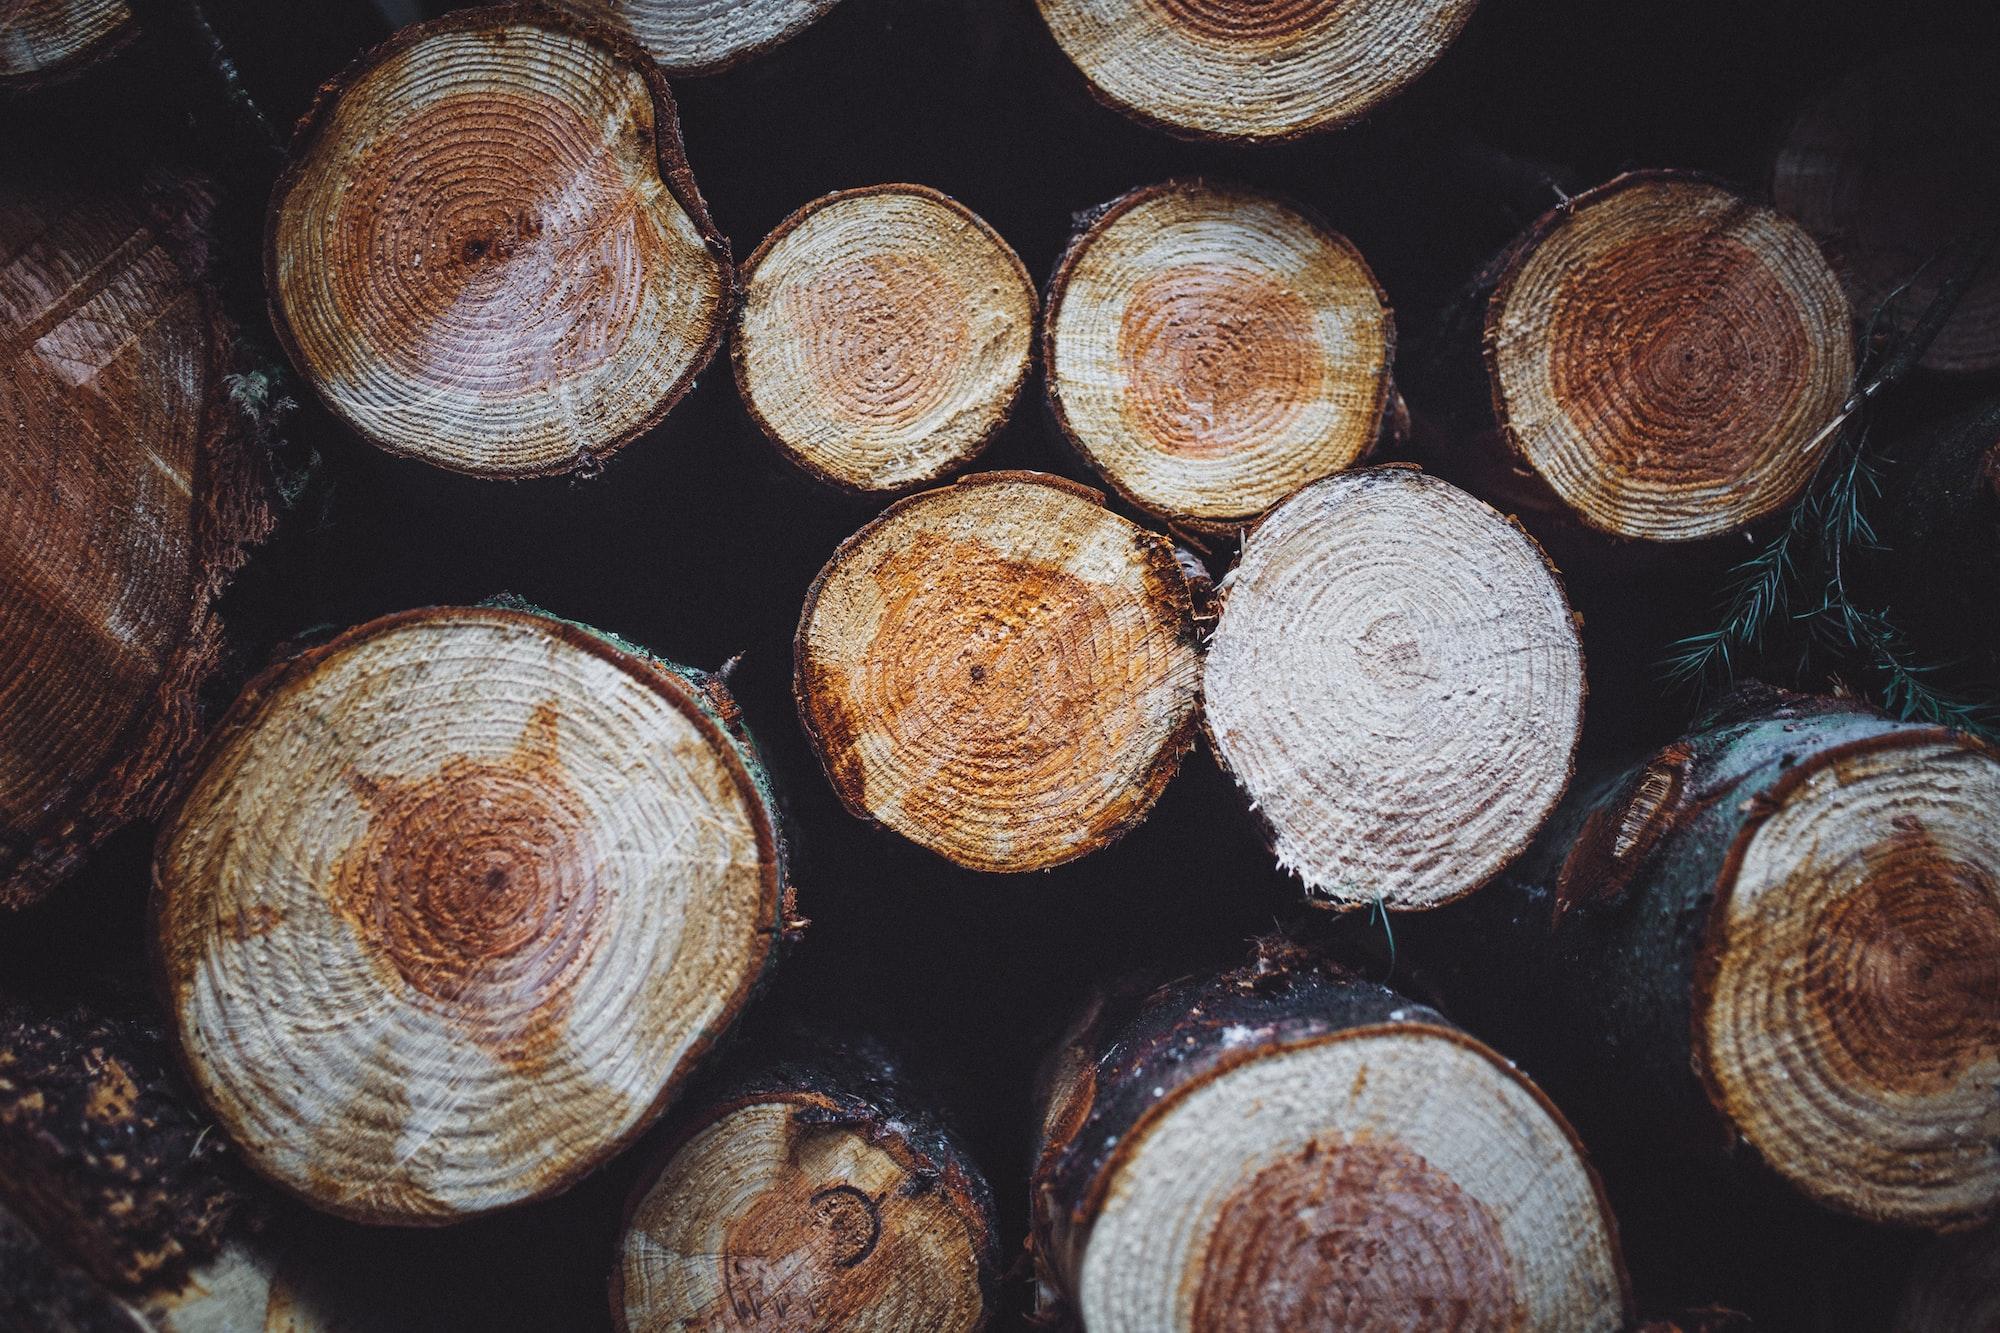 Rings on logs